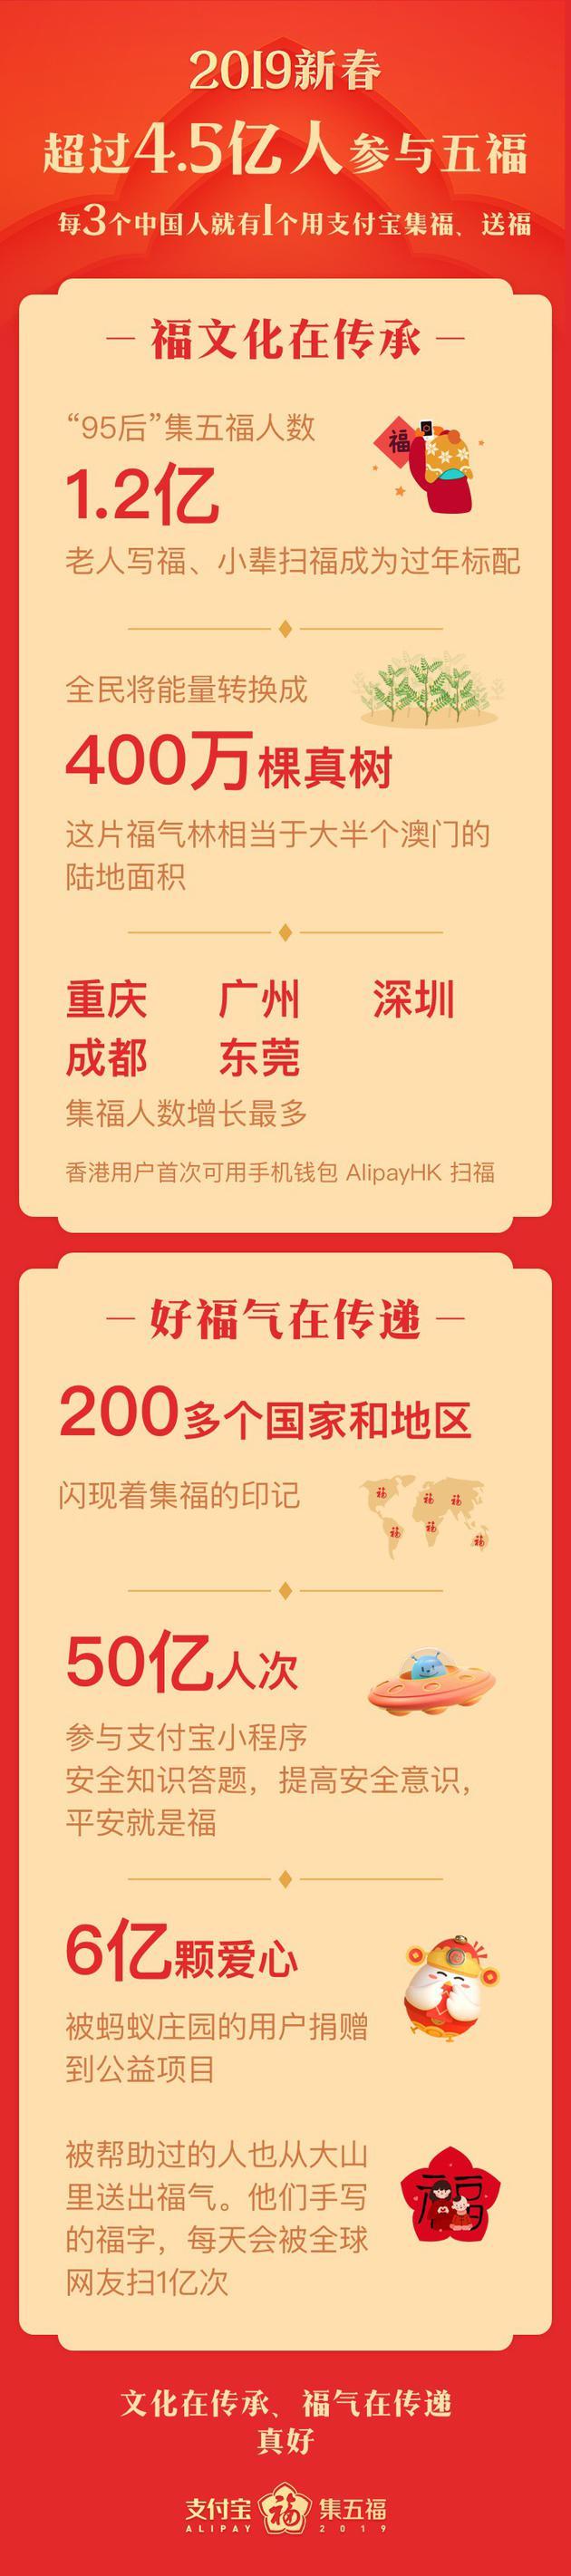 4.5亿人参与 每3个中国人中就有1个在集支付宝五福